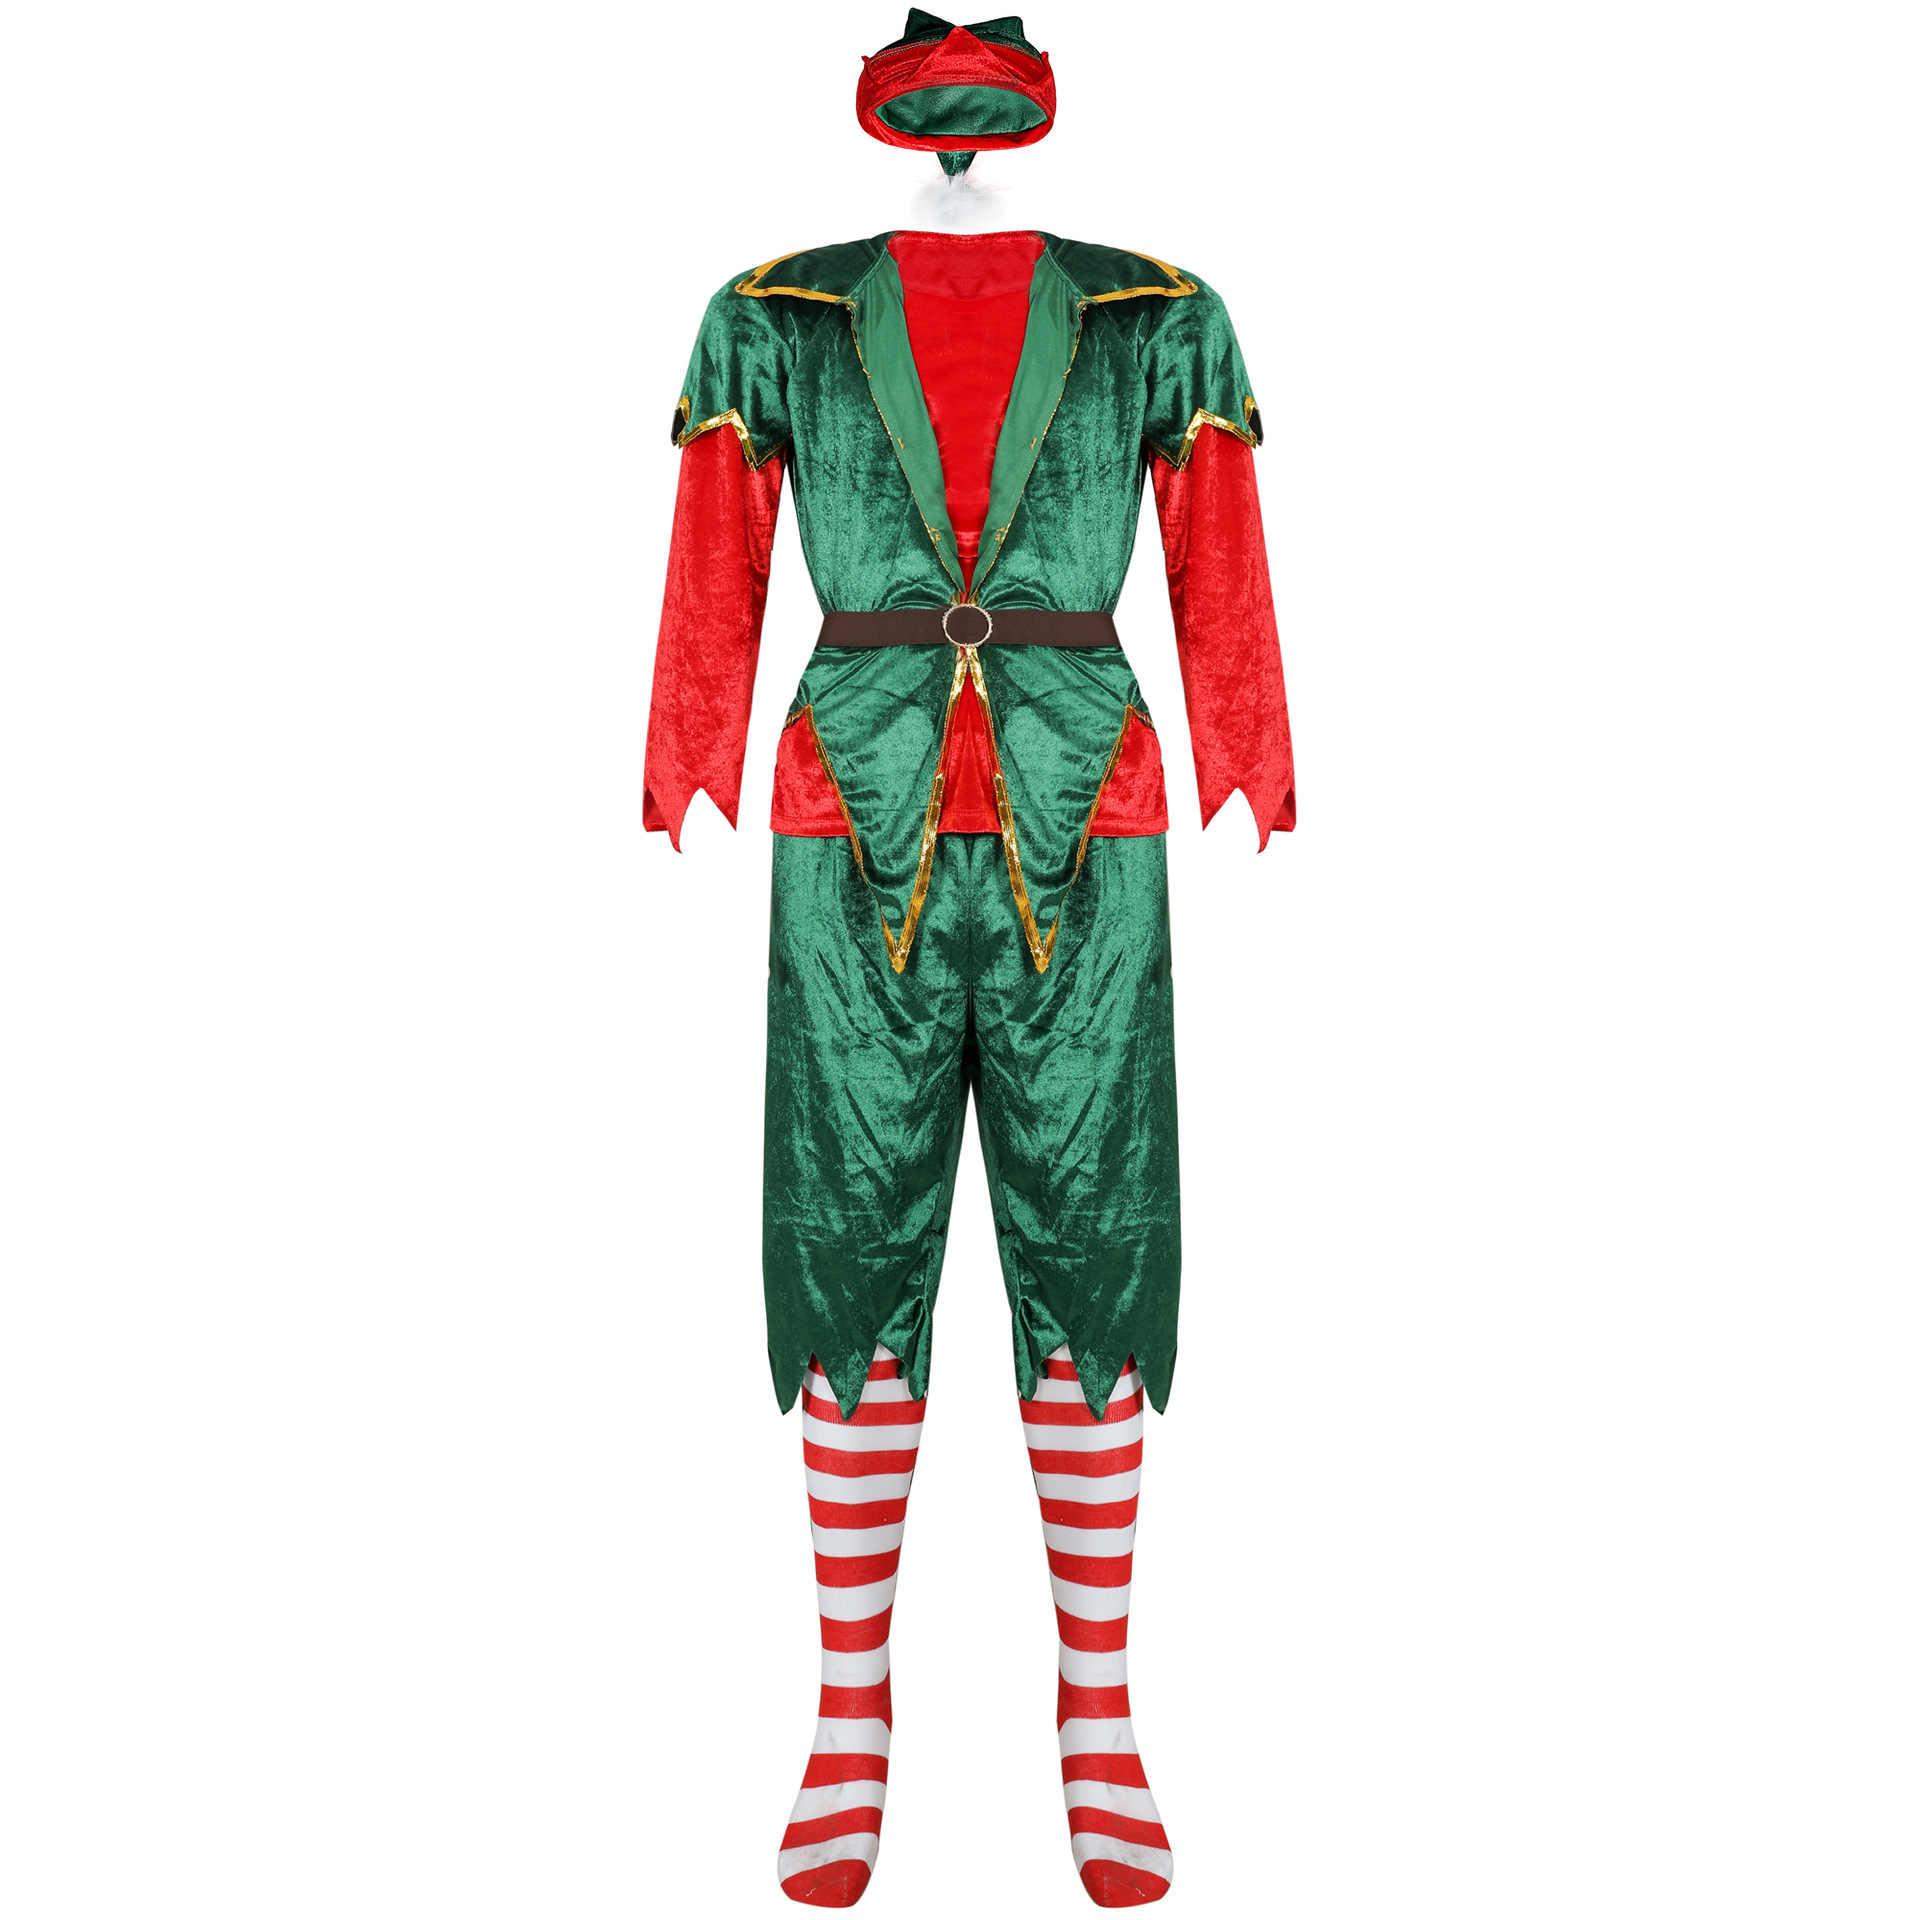 คริสต์มาสเครื่องแต่งกายคอสเพลย์ผู้ชายผู้หญิงคู่เสื้อผ้าคริสต์มาสชุดเครื่องแต่งกายคริสต์มาส Santa ชุดคริสต์มาส Elf Unisex